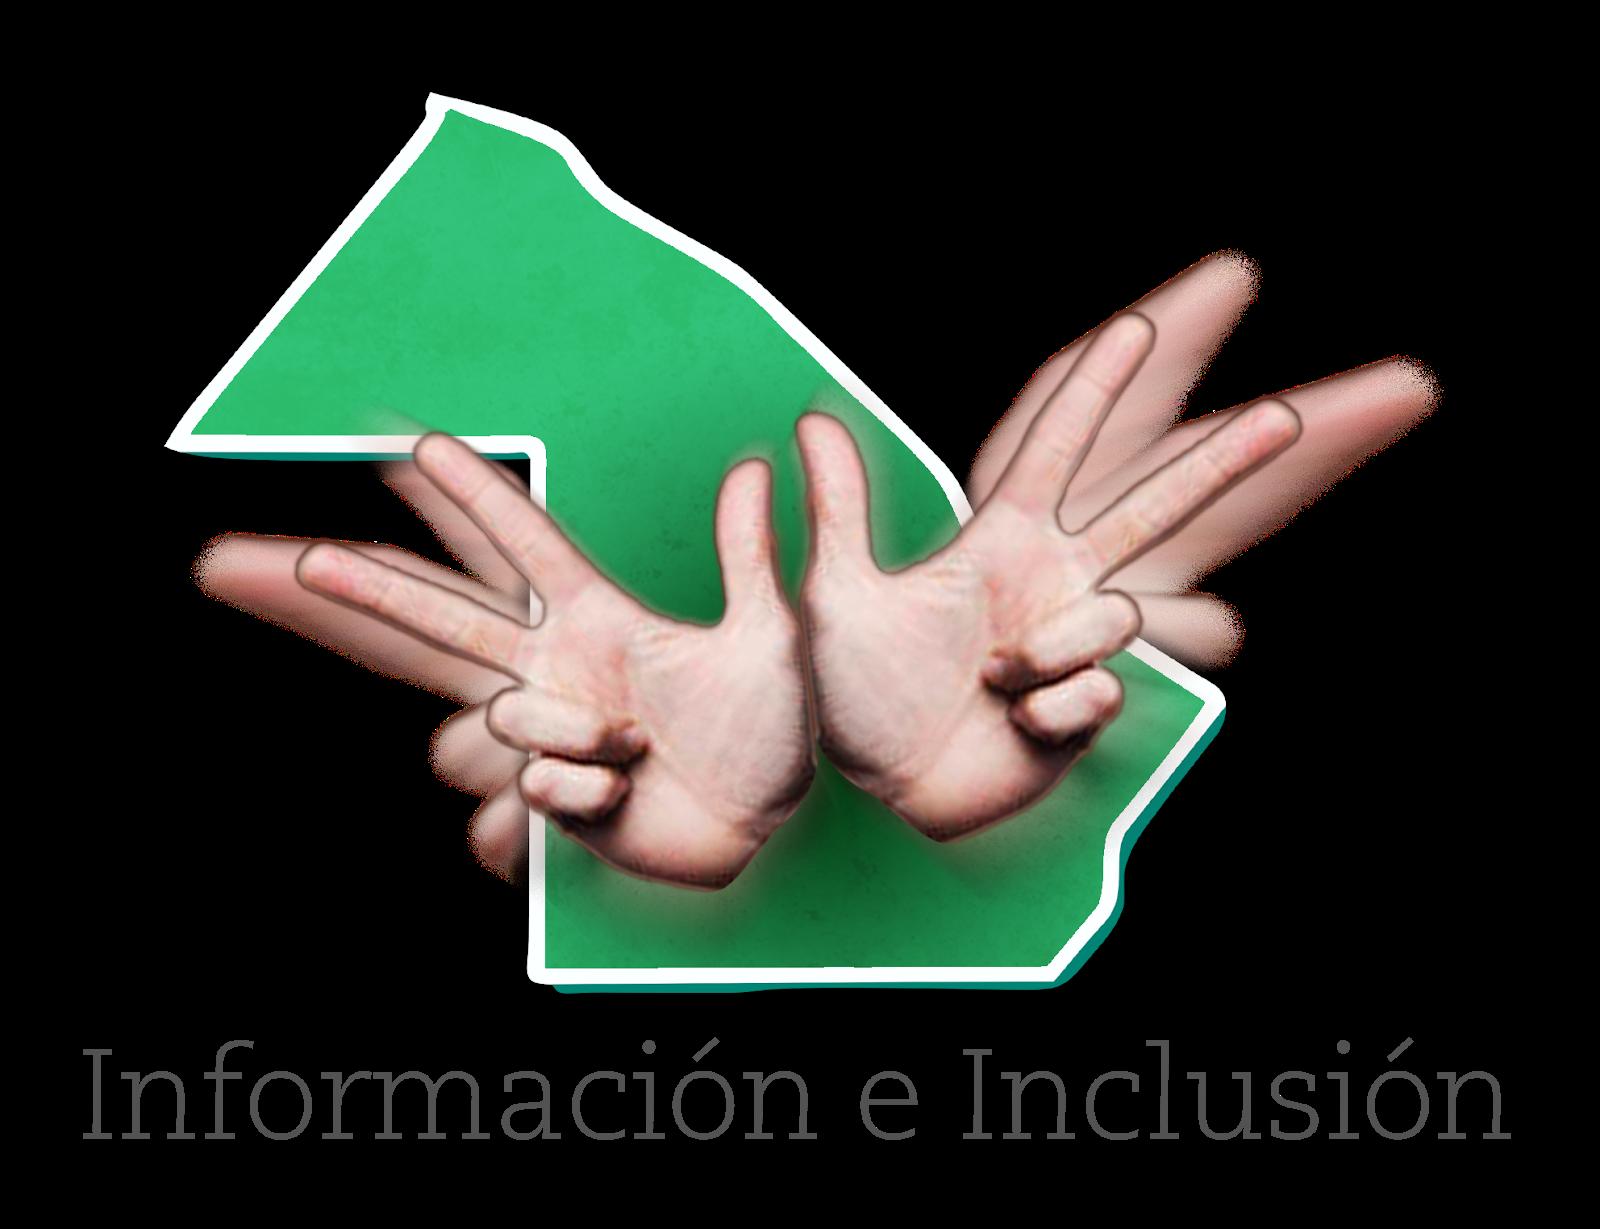 Información e Inclusión